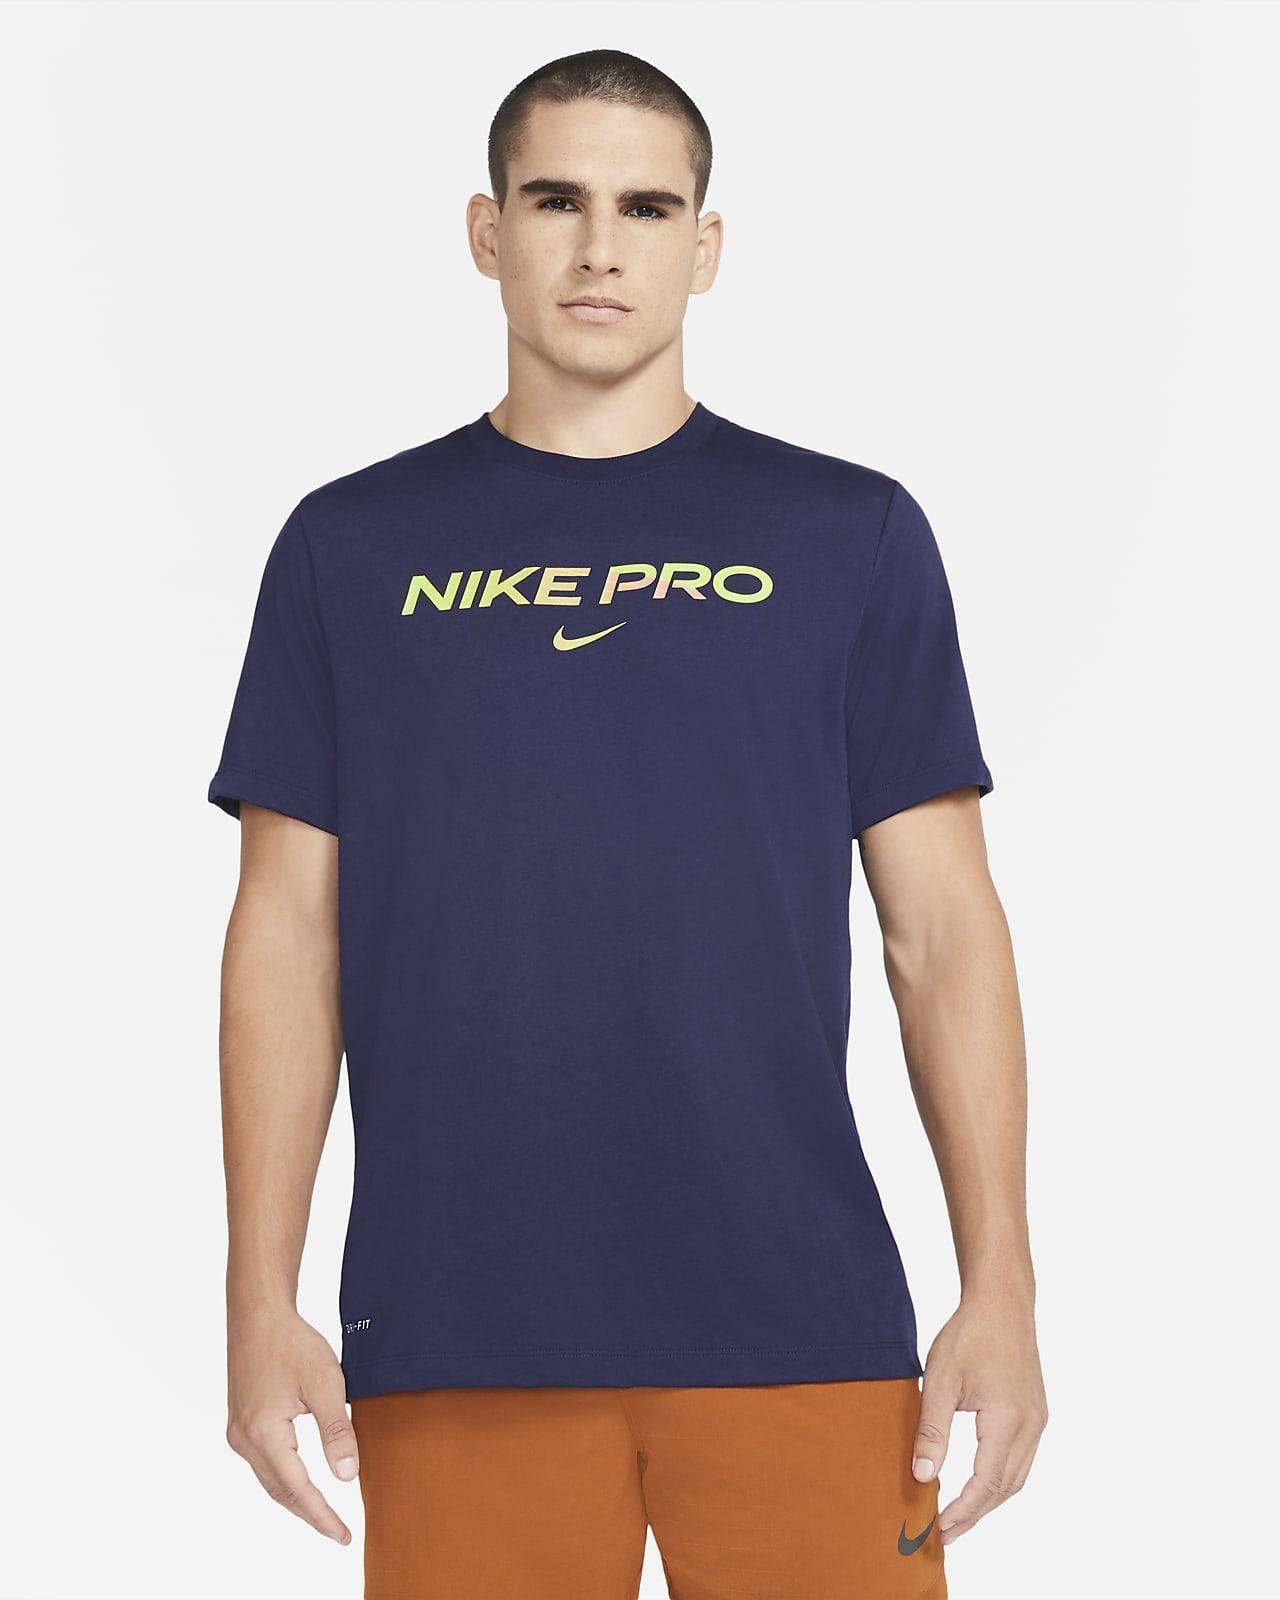 Nike Pro Men's T-Shirt